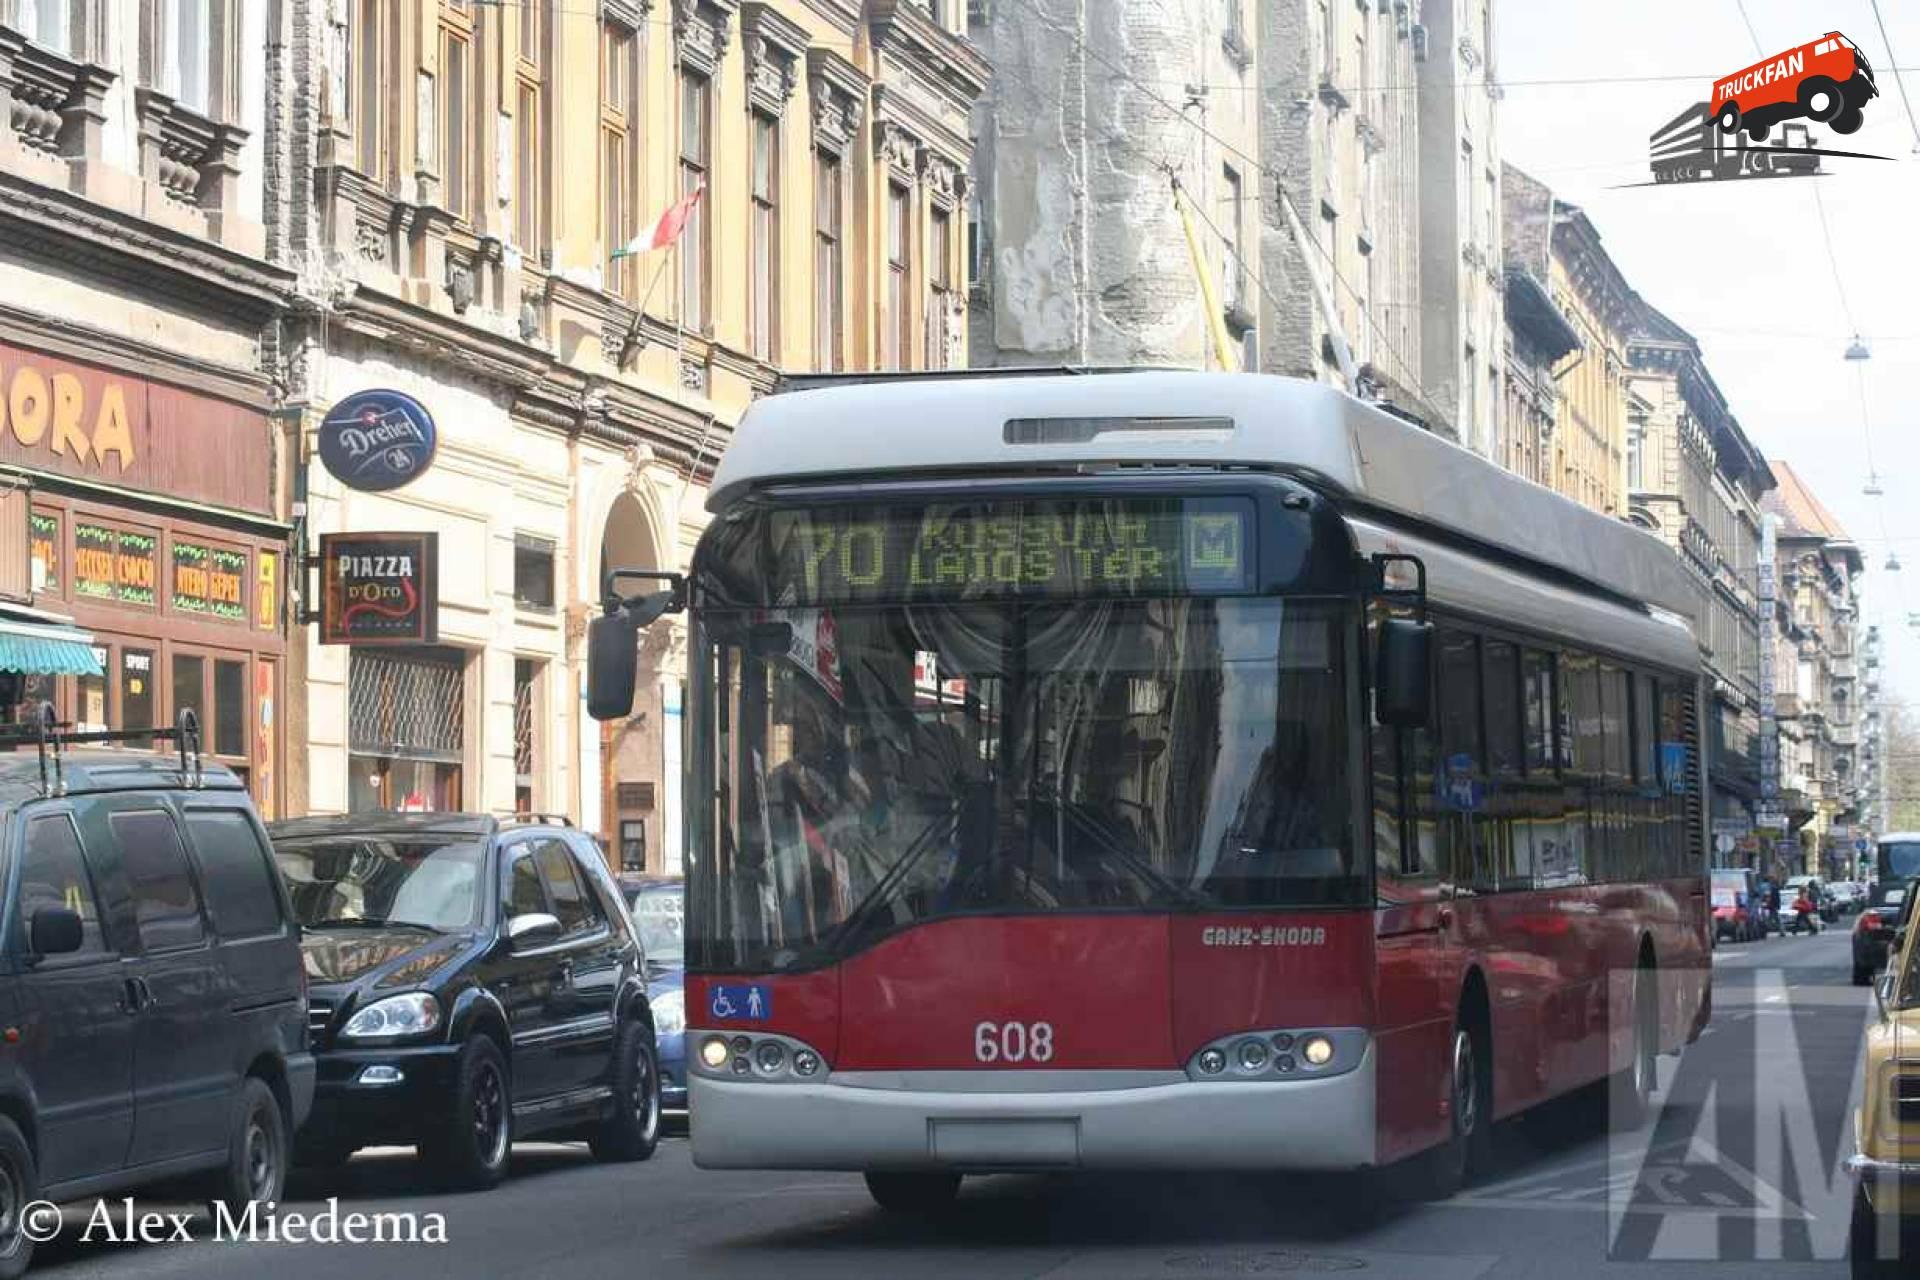 Ganz-Skoda trolleybus